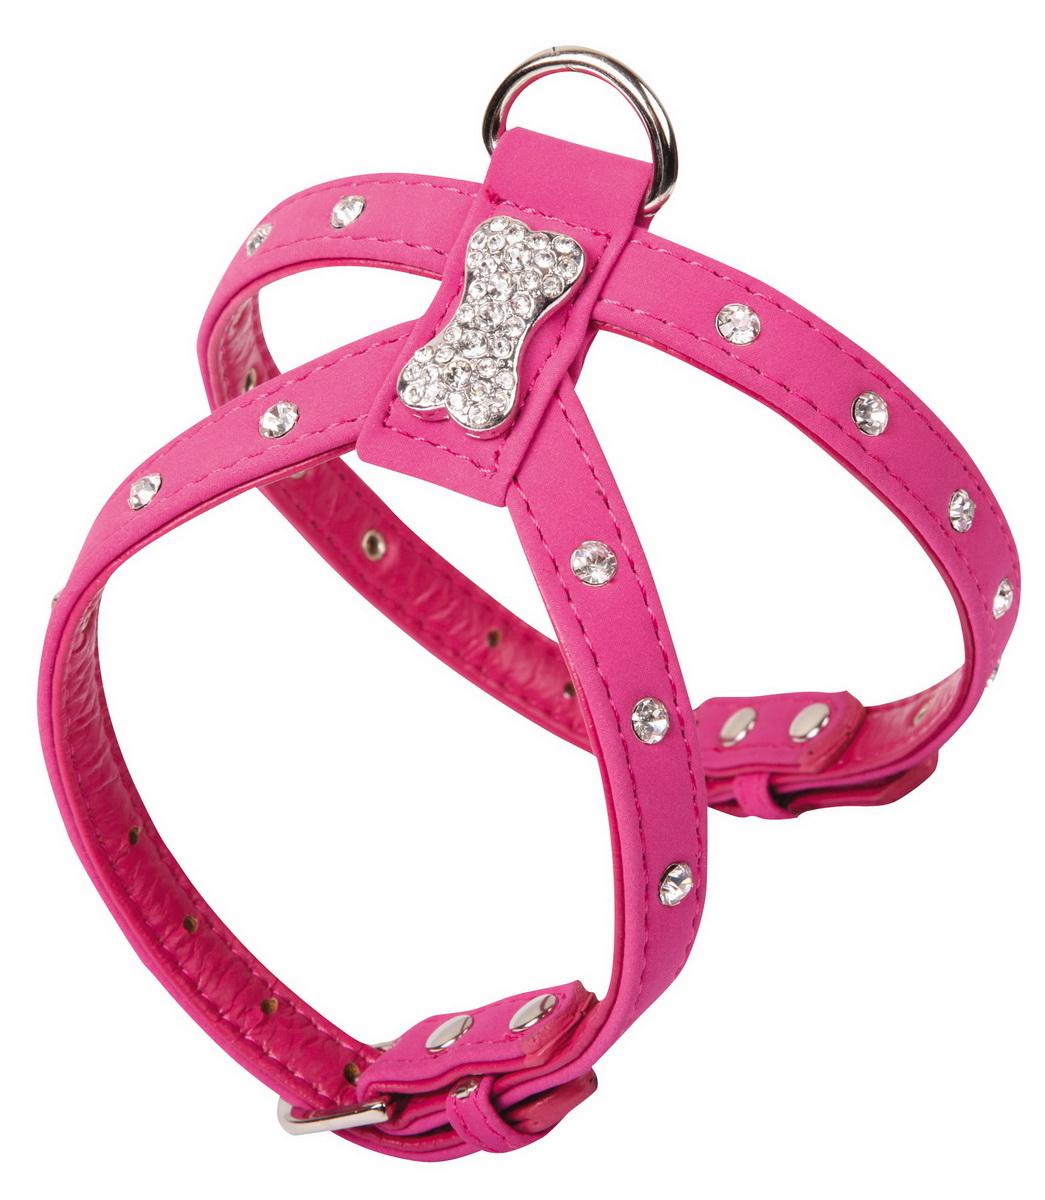 Шлейка для собак Dezzie, цвет: розовый, обхват шеи 15-20 см, обхват груди 22-27 см. Размер S. 56240785624078Шлейка Dezzie, изготовленная из бархата и украшенная металлической вставкой в виде косточки и стразами подходит для собак мелких пород. Крепкие металлические элементы делают ее надежной и долговечной. Шлейка - это альтернатива ошейнику. Правильно подобранная шлейка не стесняет движения питомца, не натирает кожу, поэтому животное чувствует себя в ней уверенно и комфортно. Изделие отличается высоким качеством, удобством и универсальностью. Имеется металлическое кольцо для крепления поводка. Размер регулируется при помощи пряжек.Обхват шеи: 15-20 см. Обхват груди: 22-27 см.